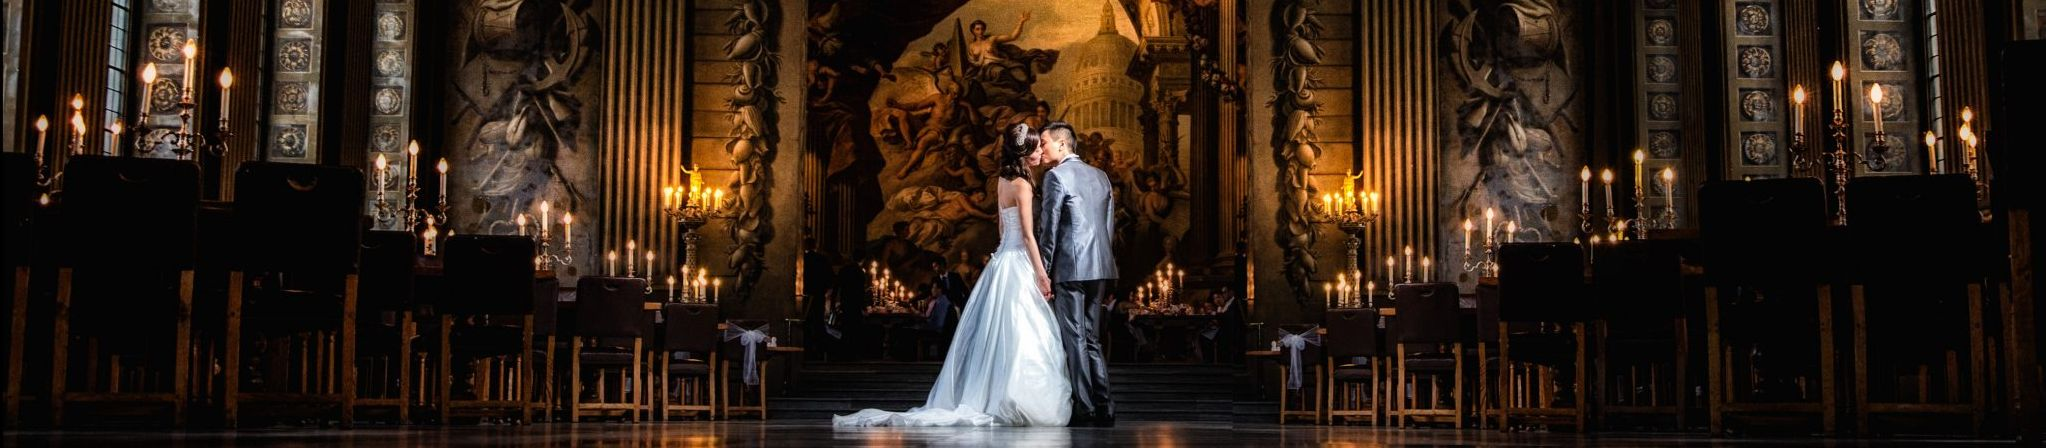 painted hall wedding iain gomes photography 1 - Как организовать свадьбу своими руками | Пошаговое руководство